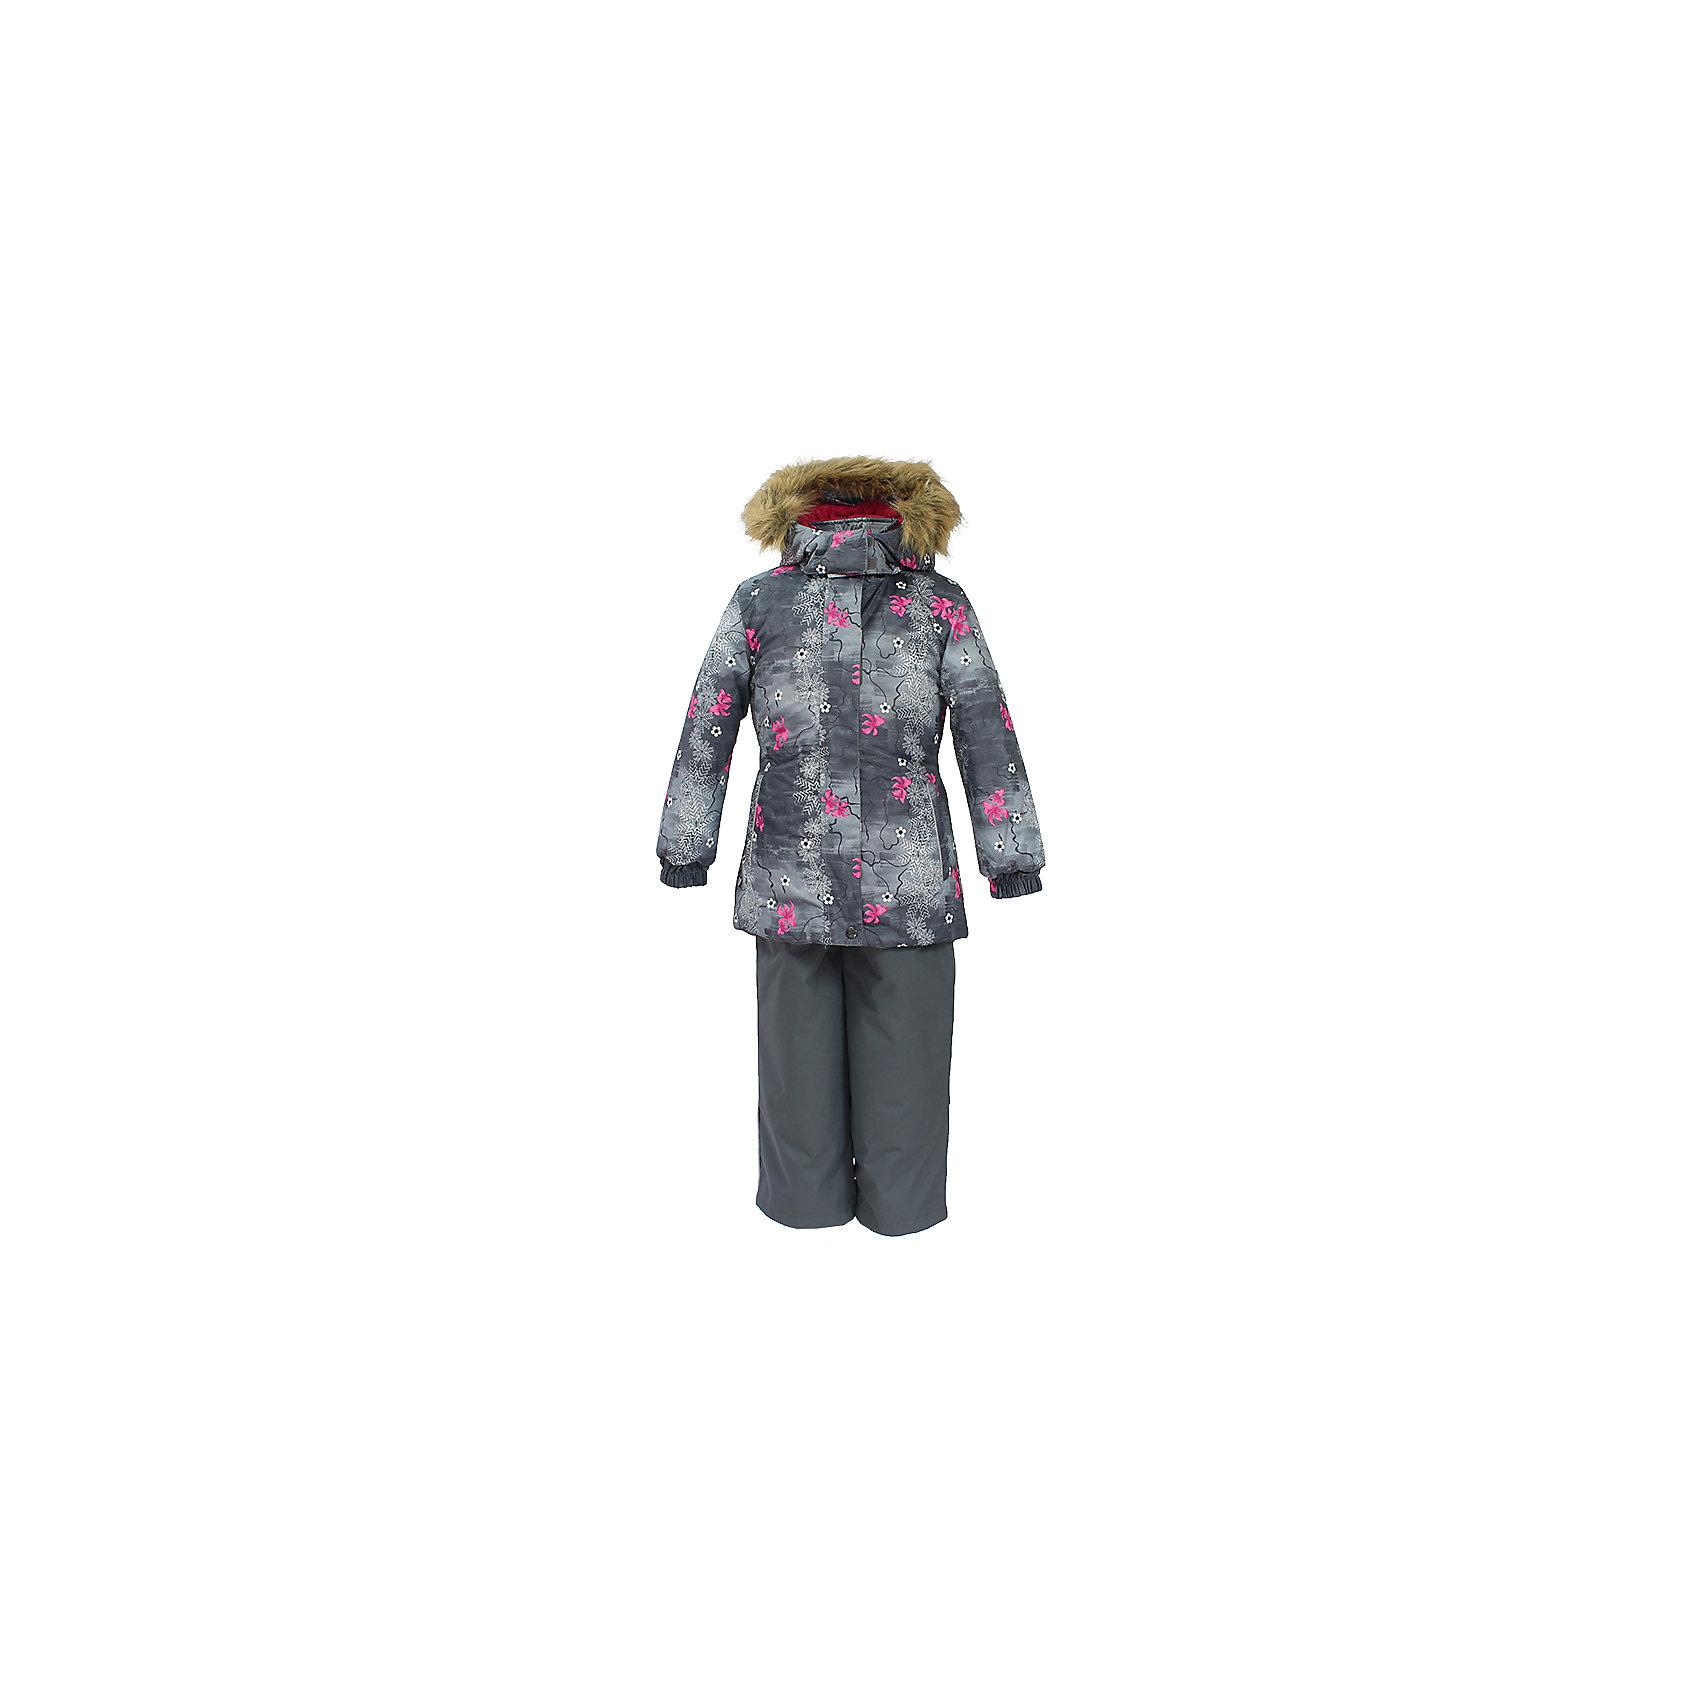 Комплект: куртка и брюки RENELY Huppa для девочкиКомплекты<br>Характеристики товара:<br><br>• модель: Renely;<br>• цвет: серый принт/серый<br>• состав: 100% полиэстер;<br>• утеплитель: нового поколения HuppaTherm, 300/160гр;<br>• подкладка: полиэстер: тафта, pritex;<br>• сезон: зима;<br>• температурный режим: от -5 до - 30С;<br>• водонепроницаемость: куртка 5000 мм / полукомбинезон 10000 мм ;<br>• воздухопроницаемость: куртка 5000 / полукомбинезон 10000 г/м2/24 ч;<br>• влагоустойчивая и дышащая ткань верхнего слоя изделия;<br>• особенности модели: c рисунком; с мехом;<br>• плечевые швы и шаговый шов проклеены водостойкой лентой, для дополнительной защиты от протекания;<br>• мембрана препятствует прохождению воды и ветра сквозь ткань;<br>• в куртке застежка молния, прикрыта планкой;<br>• модель приталенная, сзади встроена резинка в области талии;<br>• воротник стойка и дополнительная липучка на капюшоне хорошо закрывают область шеи;<br>• низ куртки стягивается кулиской, что помогает предотвращать попадание снега внутрь;<br>• в полукомбинезоне застежка молния;<br>• лямки полукомбинезона регулируются при помощи карабинов;<br>• форма брючин прямая, внутри дополнительная штанина на резинке, предотвращает попадание снега внутрь;<br>• низ брюк затягивается на шнурок с фиксатором;<br>• капюшон при необходимости отстегивается;<br>• искусственный мех на капюшоне съемный ;<br>• светоотражающих элементов для безопасности ребенка ;<br>• все карманы застегиваются на молнию;<br>• манжеты рукавов на резинке; <br>• страна бренда: Финляндия;<br>• страна изготовитель: Эстония.<br><br>Зимний комплект Renely для девочки бренда HUPPA  водо воздухонепроницаемый. Утеплитель HuppaTherm - высокотехнологичный легкий синтетический утеплитель нового поколения. Сохраняет объем и высокую теплоизоляцию изделия. Изделия HuppaTherm легкие по весу, комфортные и теплые.<br><br>Мембрана препятствует прохождению воды и ветра сквозь ткань внутрь изделия, позволяя испаряться выделяемой телом, образовывающ